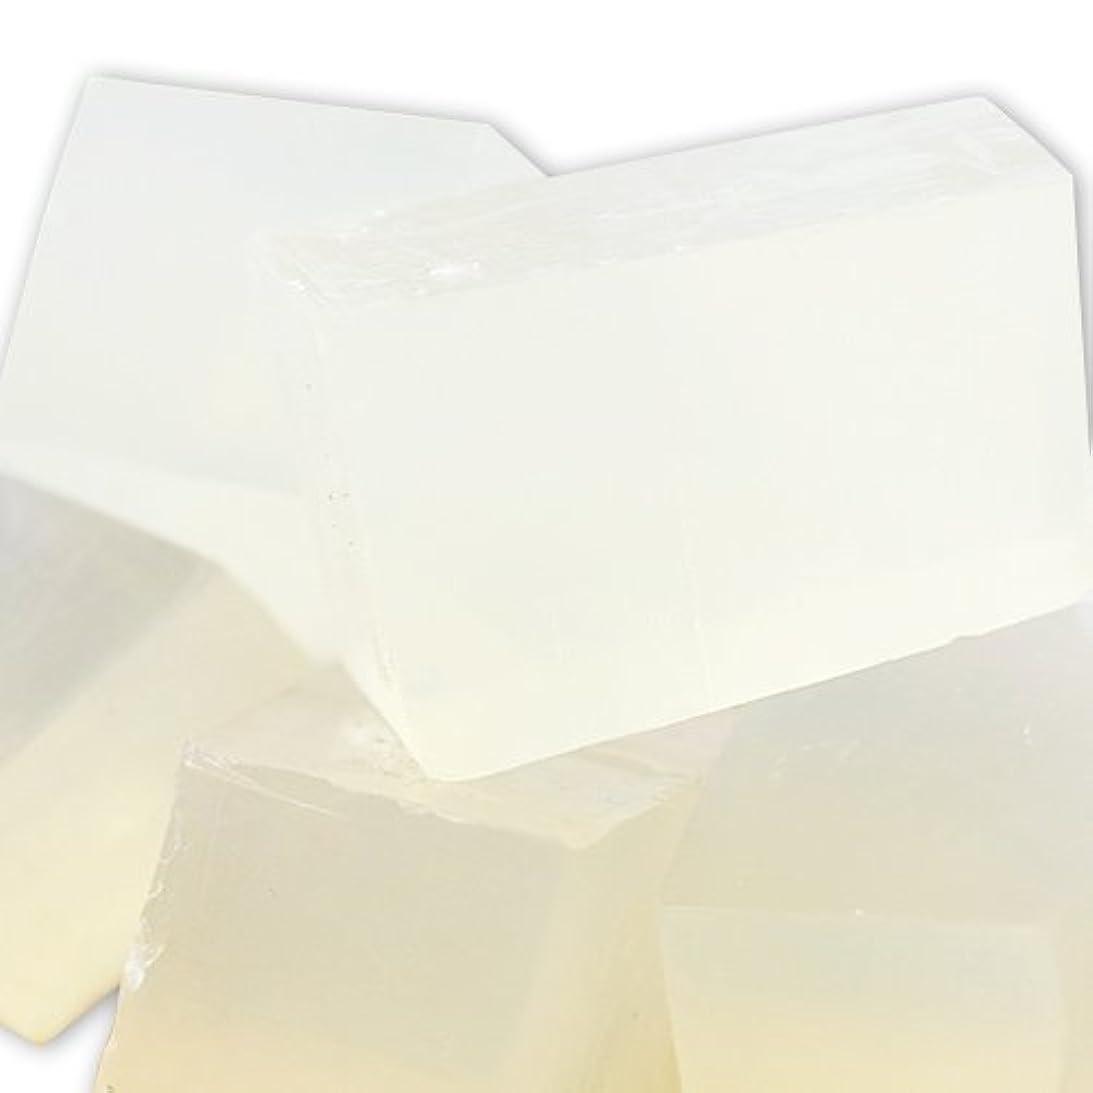 構築するぬいぐるみ神のMPソープ [グリセリンソープ] クリア SLSフリー 1kg 【手作り石鹸/ハンドメイドソープ】